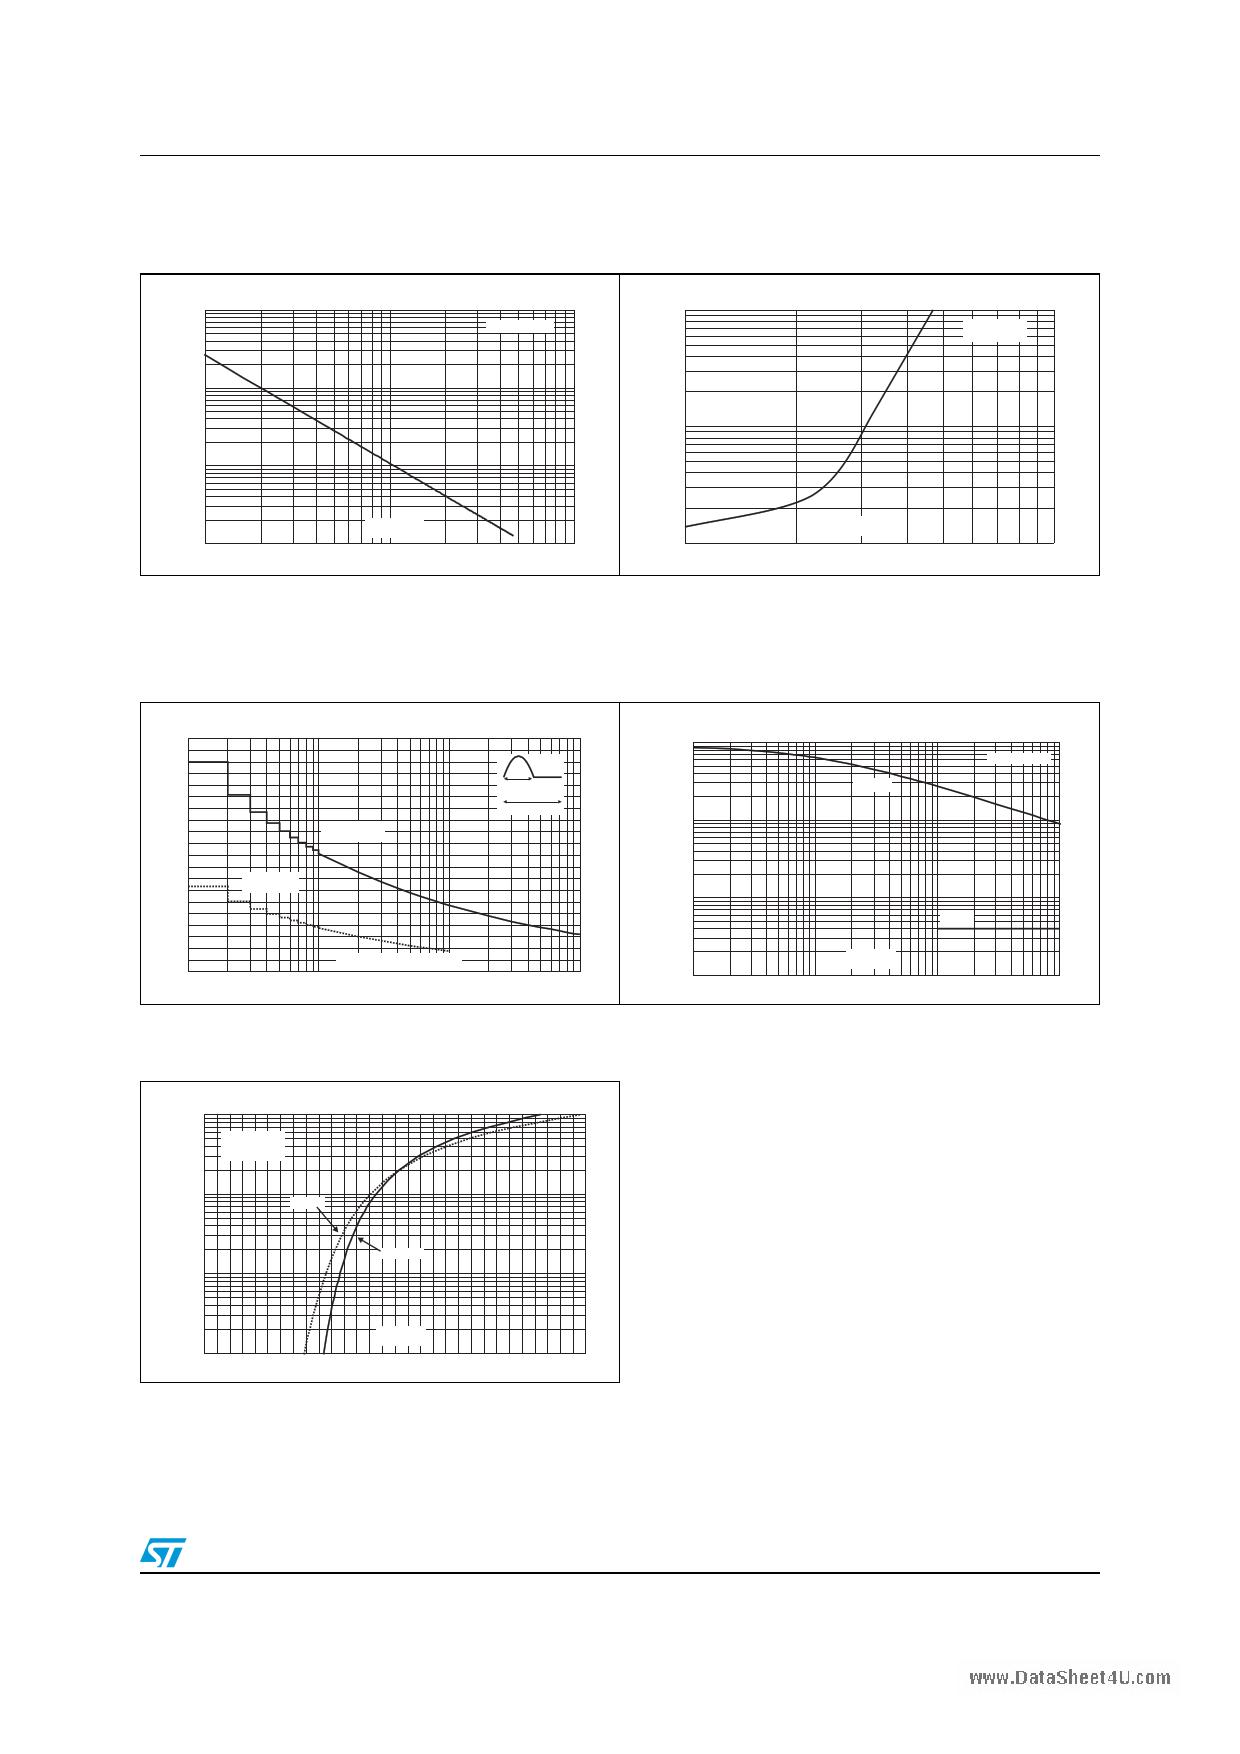 X006 pdf